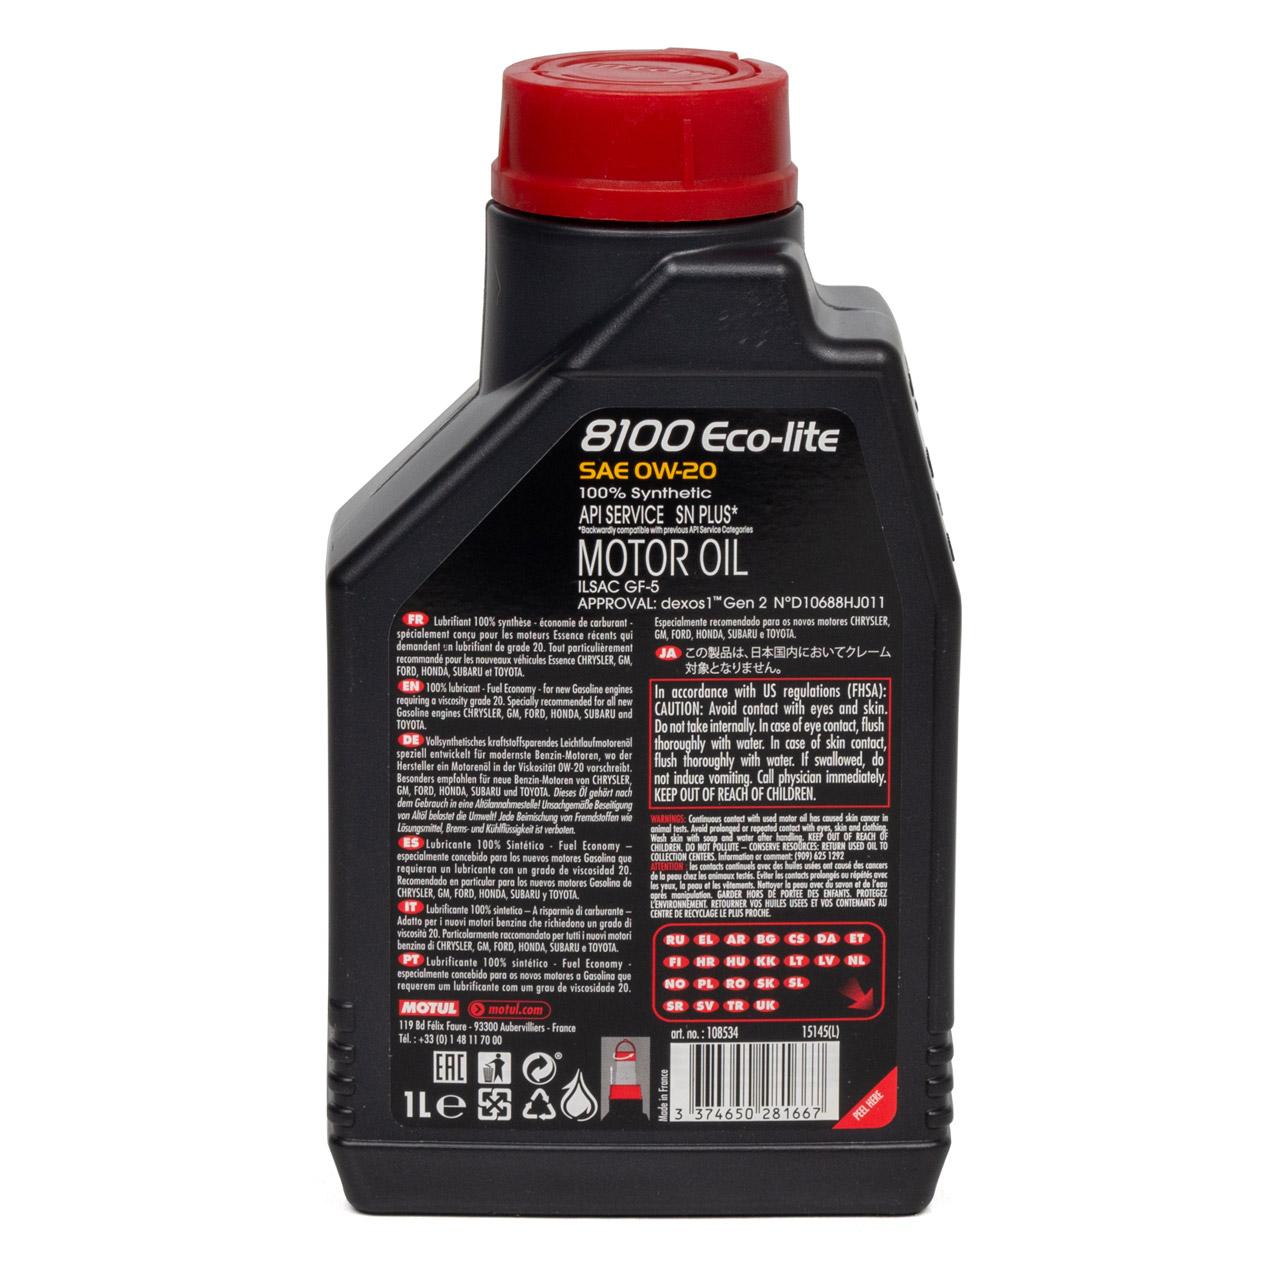 MOTUL 8100 ECO-Lite Motoröl Öl 0W-20 0W20 GM OPEL dexos1 Gen.2 - 1L 1 Liter